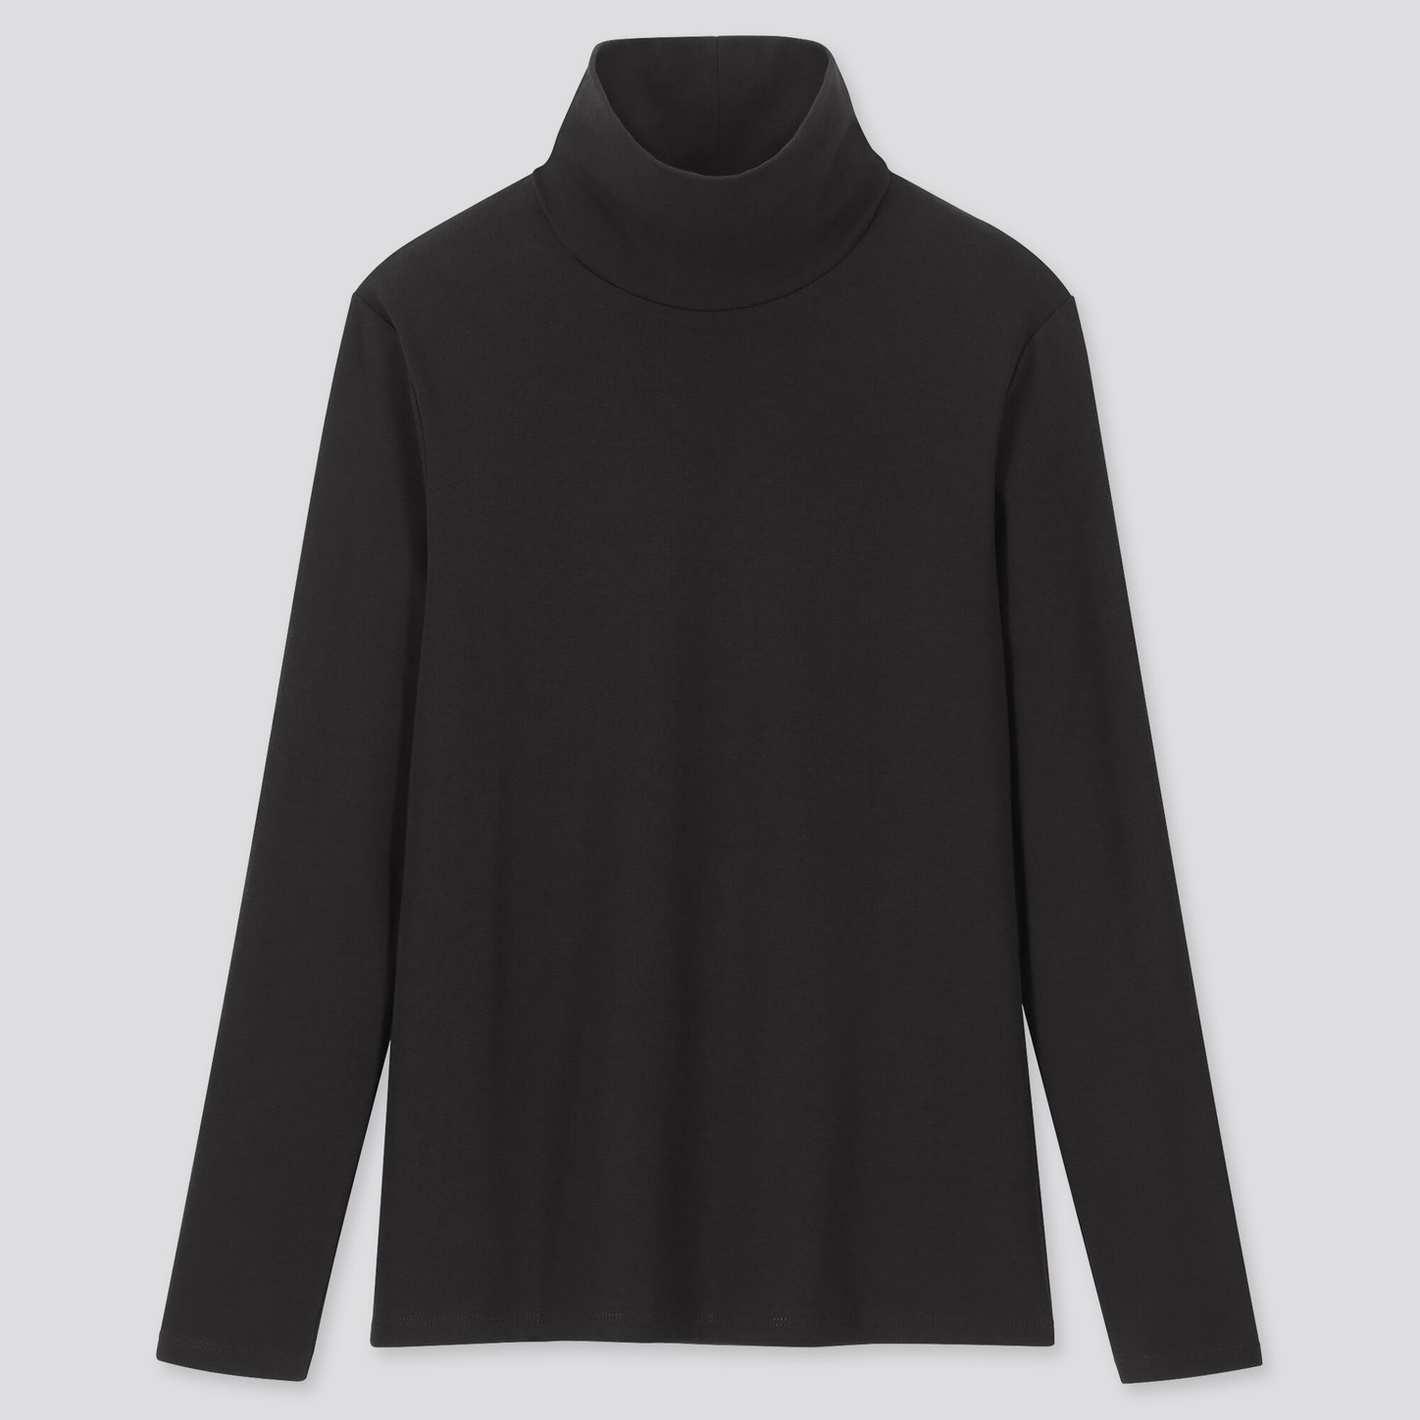 Uniqlo T-shirt à manches longues et col roulé en coton côtelé 1 * 1